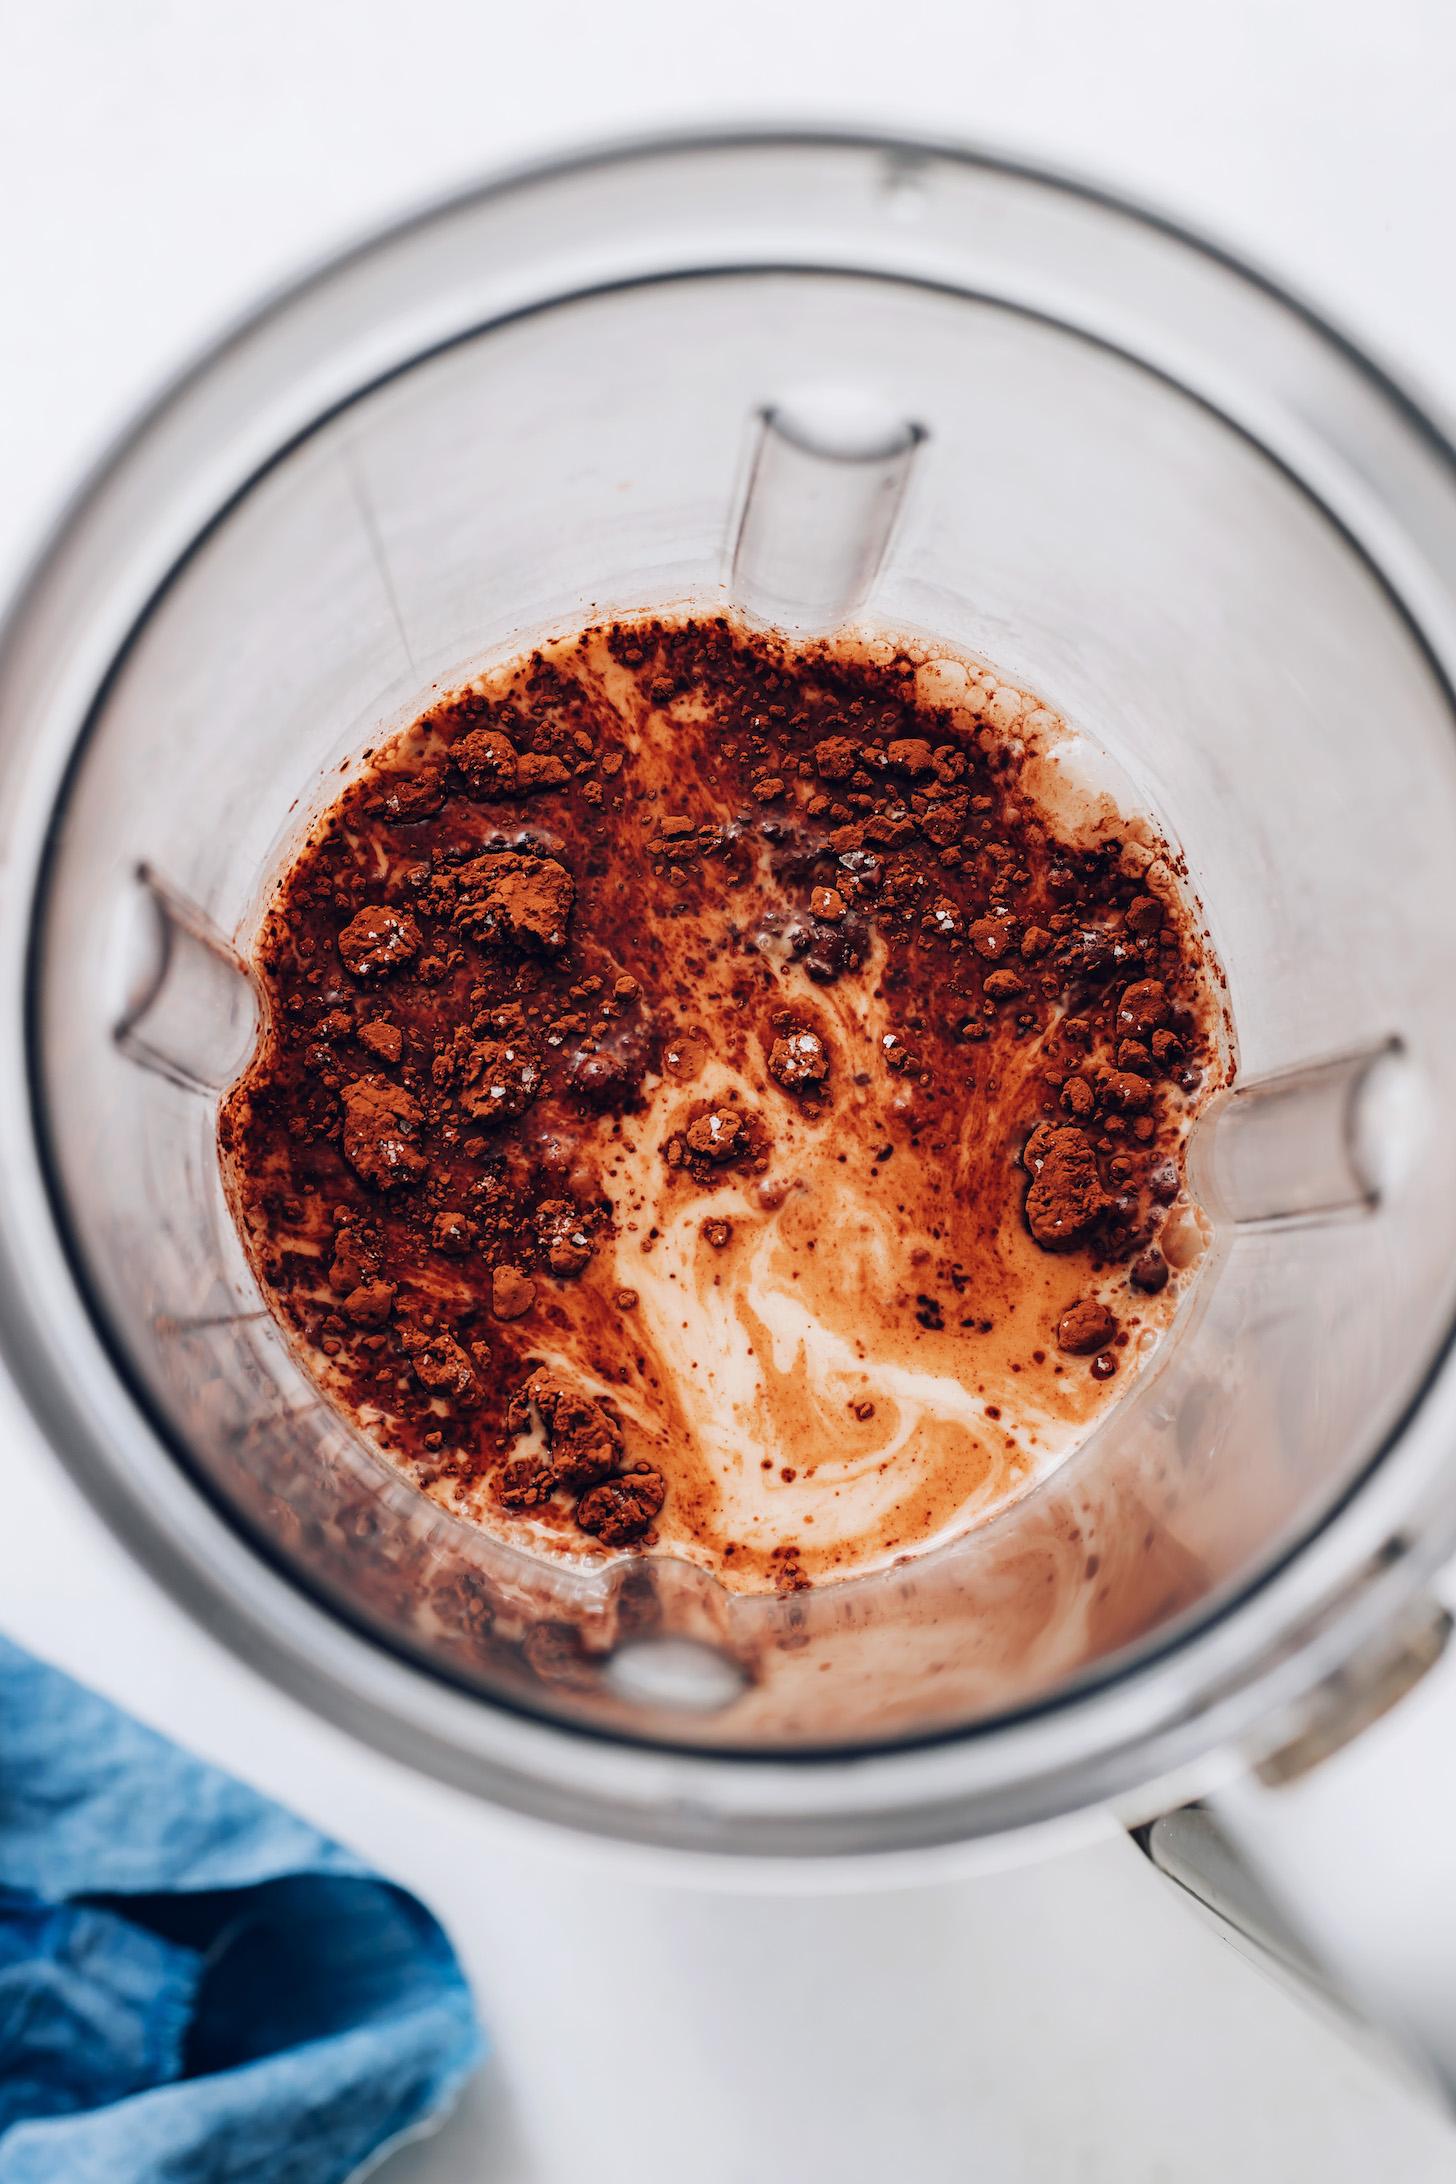 Turmixgép kakaóporral a tejszínes mogyorós tej fölött